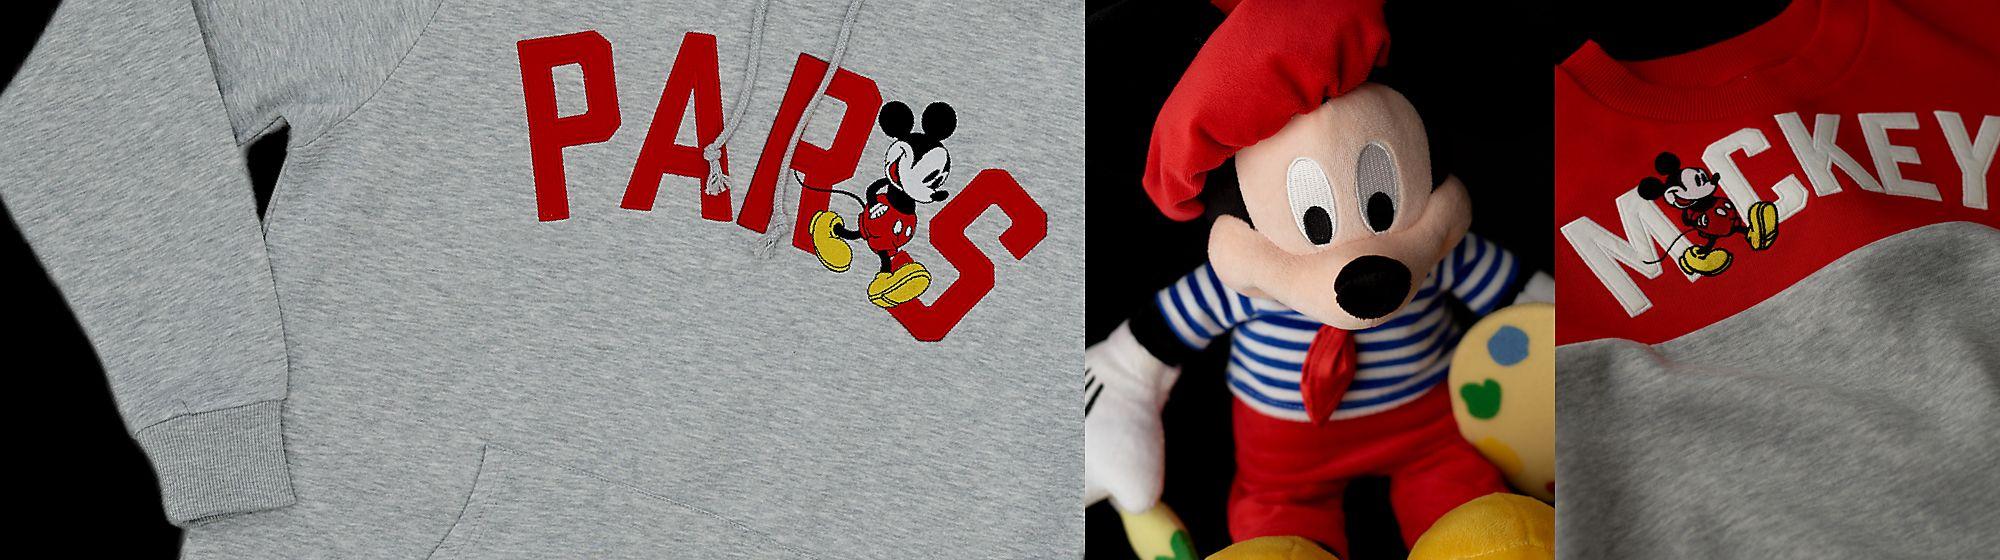 Collection de villes Disney Un hommage à des villes bien-aimées pour toute la famille! Nouveaux produits à venir